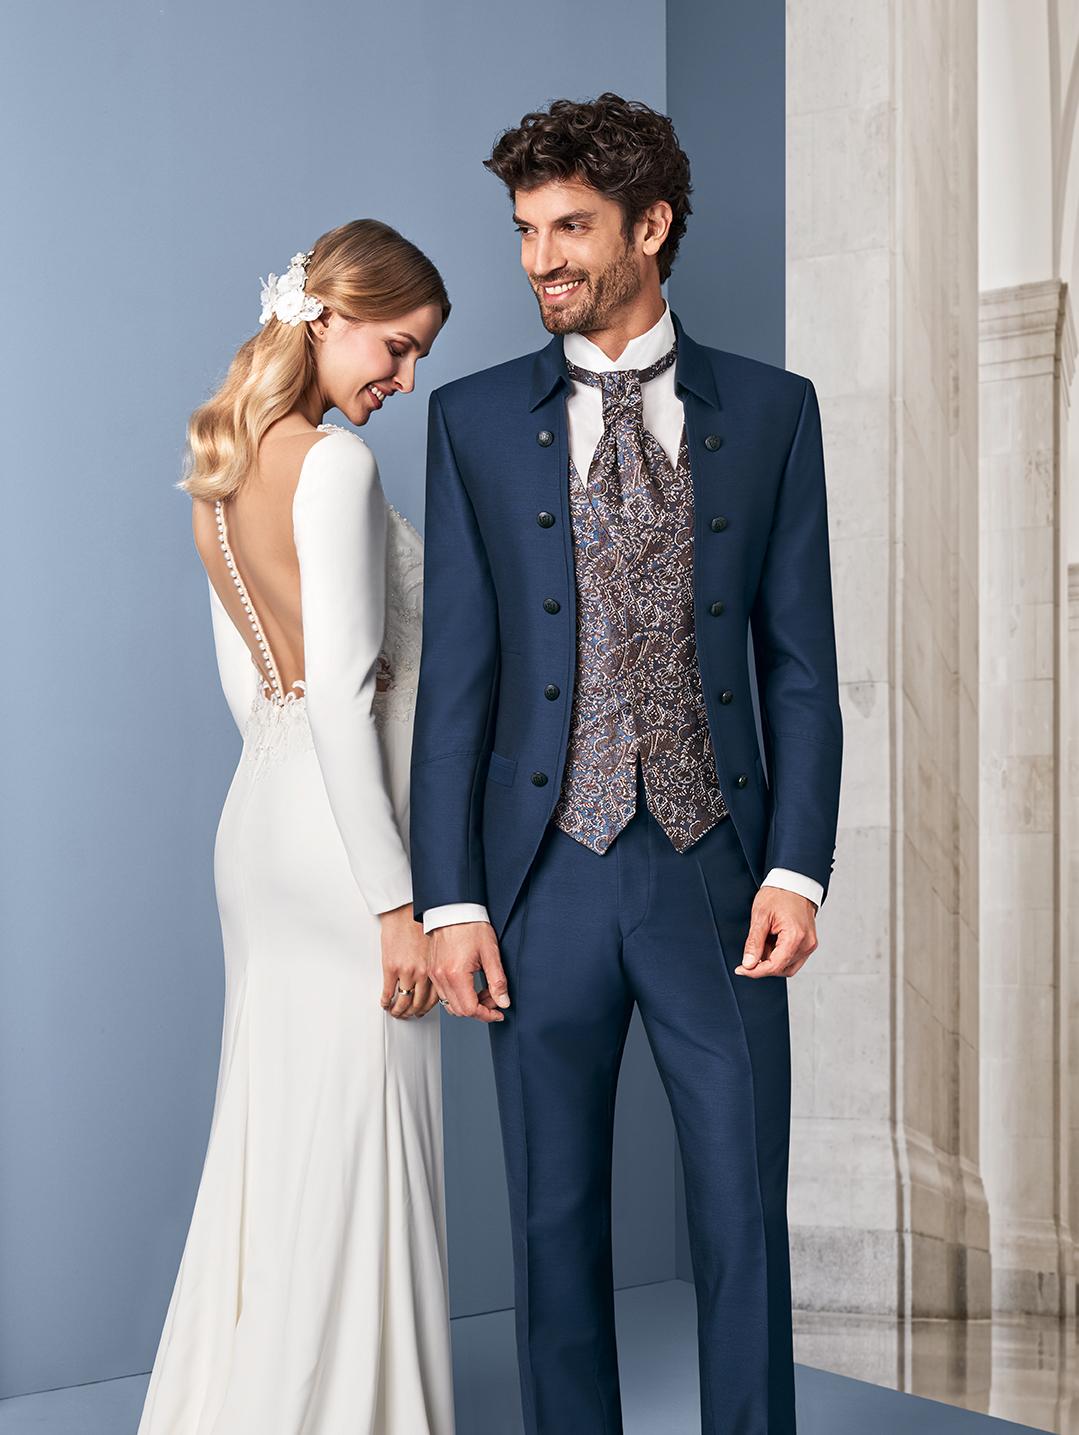 Wilvorst Tziacco Hochzeitsanzug Männer Mode Bräutigam extravagant blau lightblue mittelblau hoher Kragen mit Weste gemustert passendes Jabot